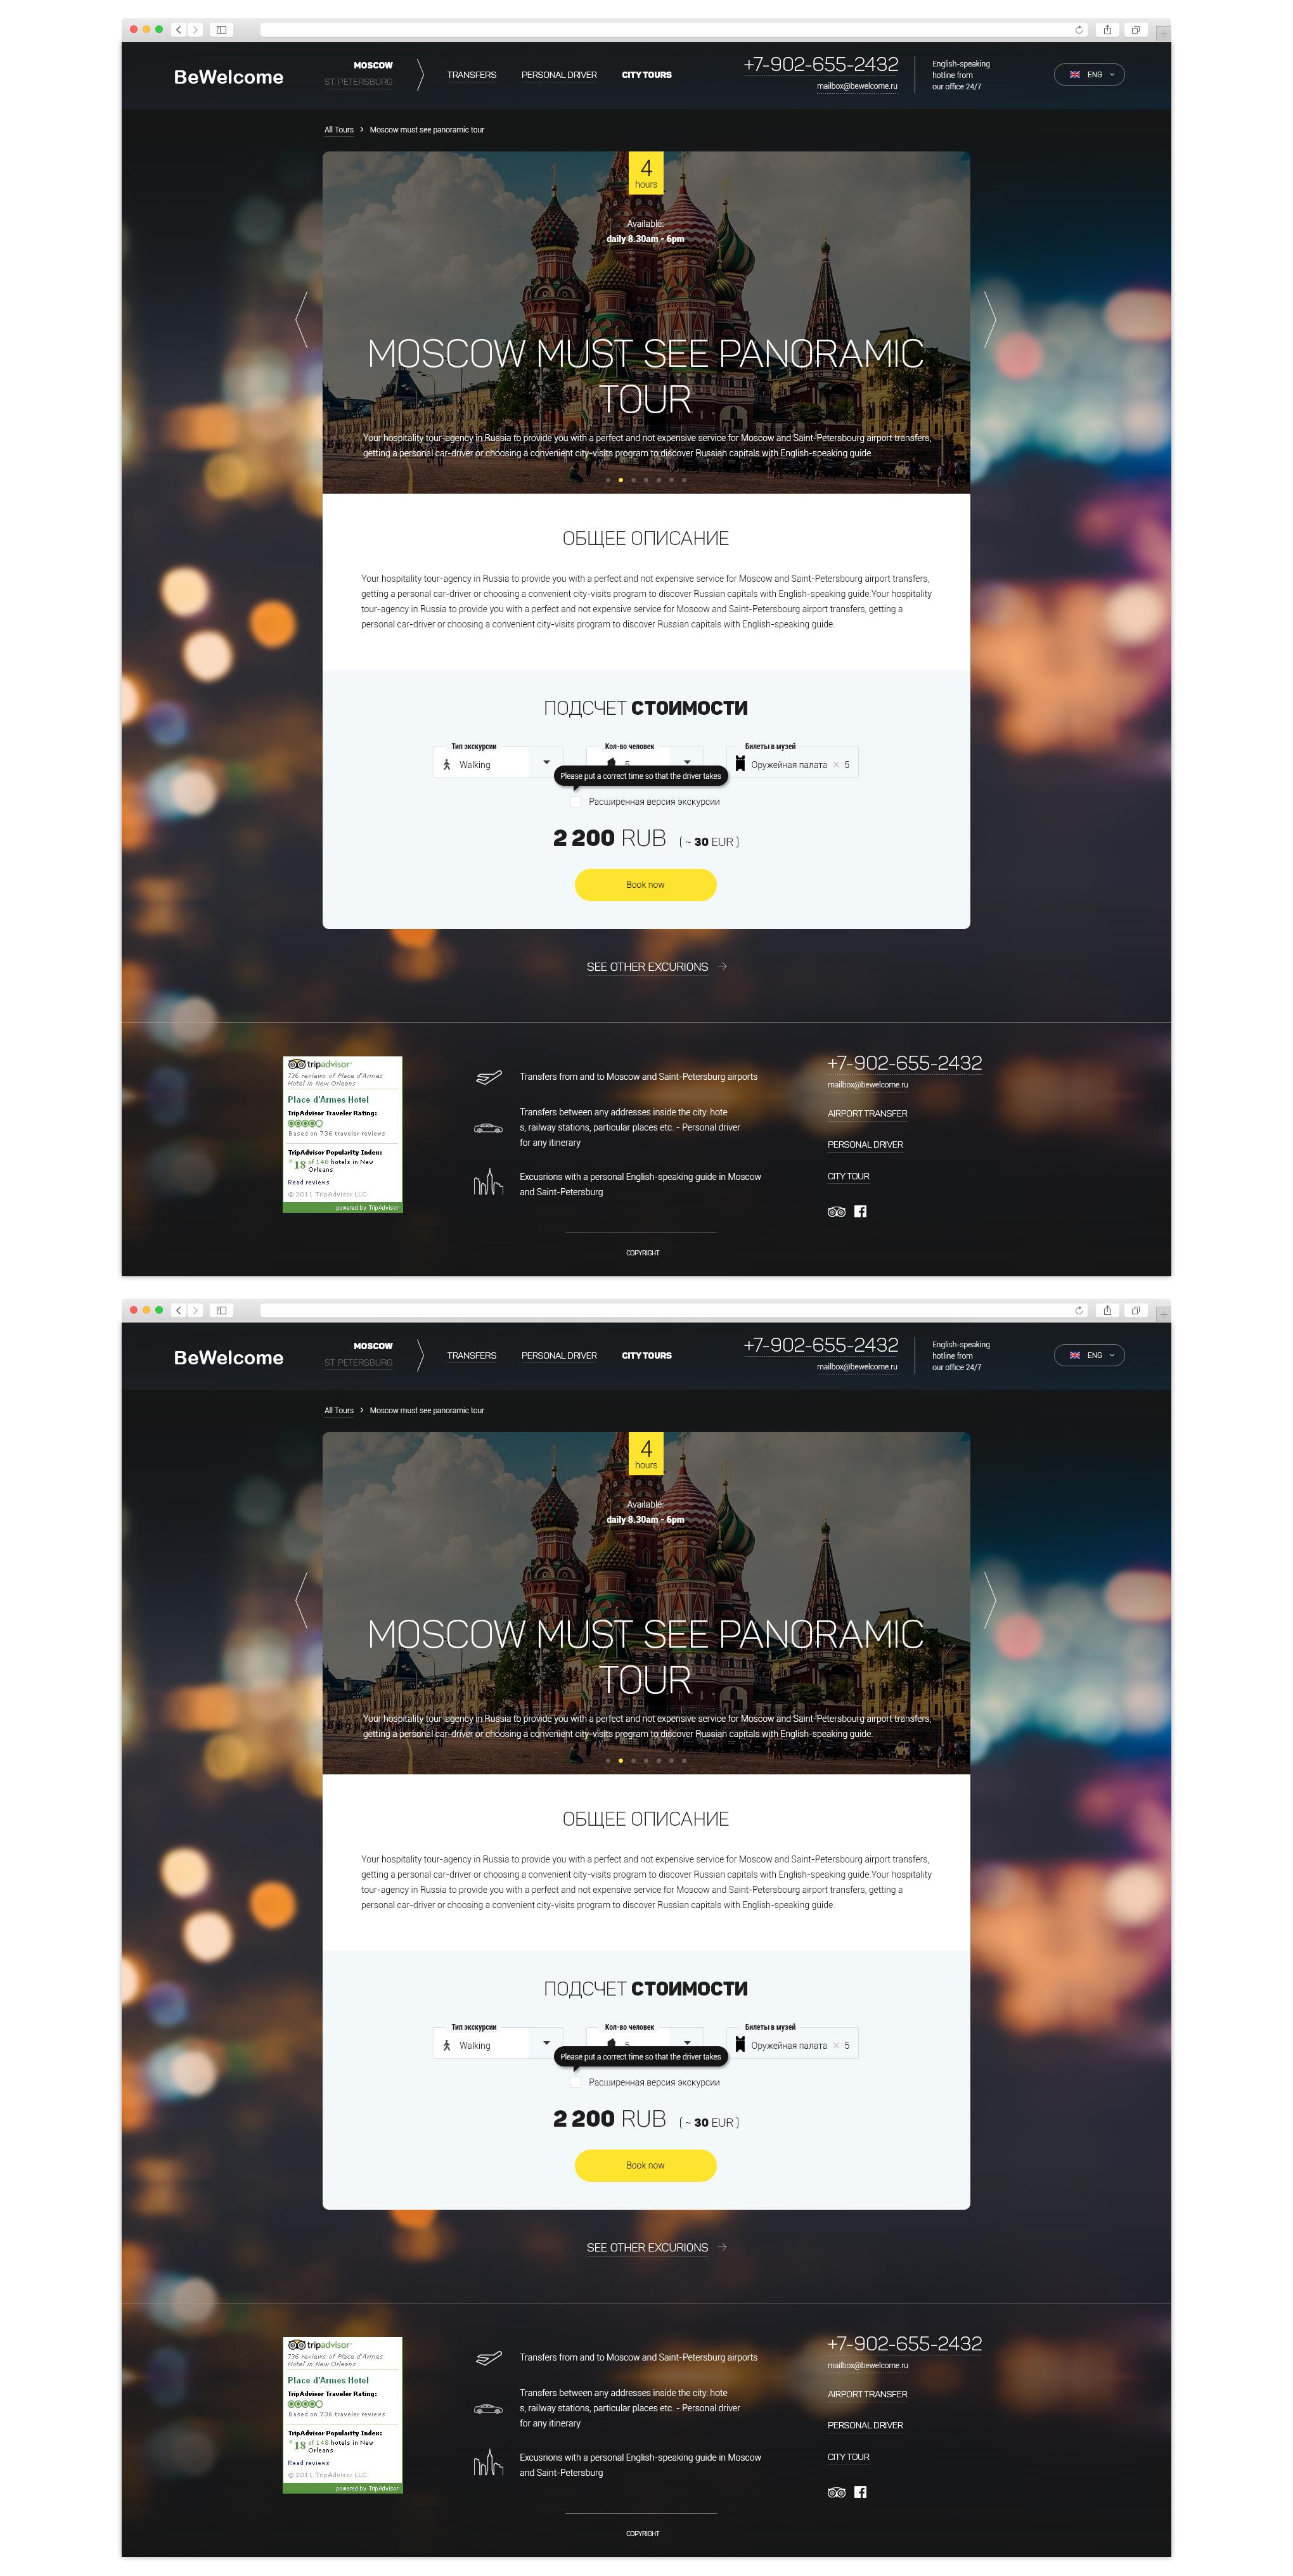 Адаптивный дизайн для сервиса заказа экскурсий по Москве и Питеру с трансферами